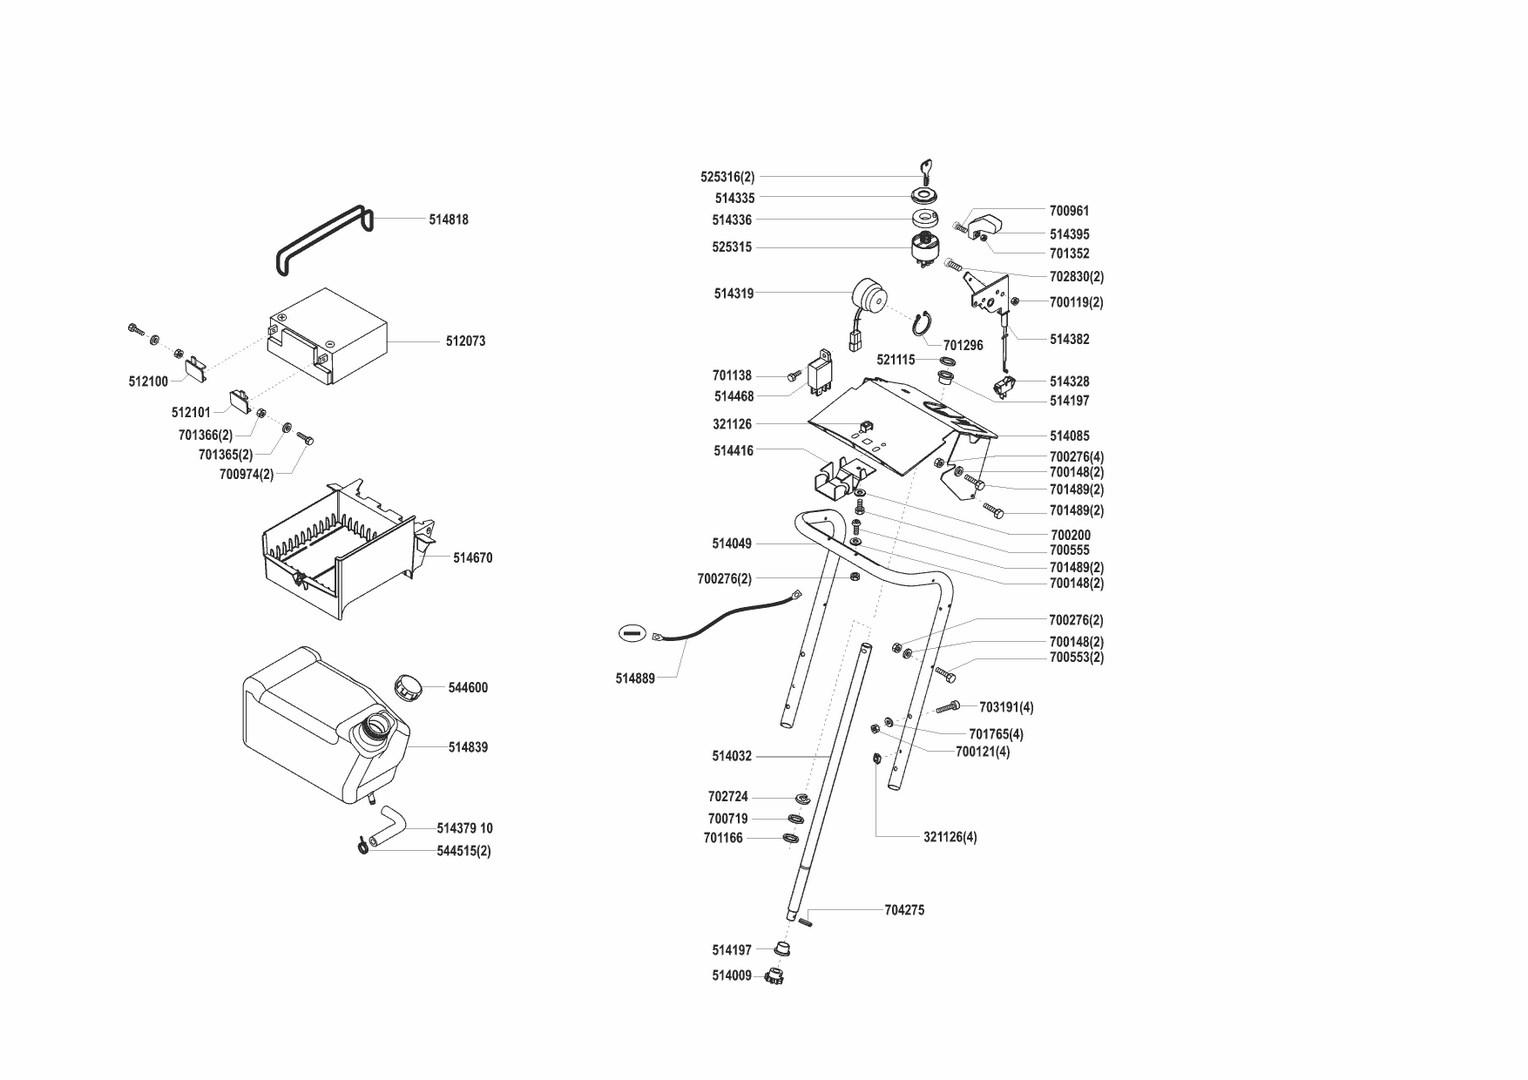 Ersatzteile und Zeichnung von AL-KO für Rasentraktor T-800 SA, Seite